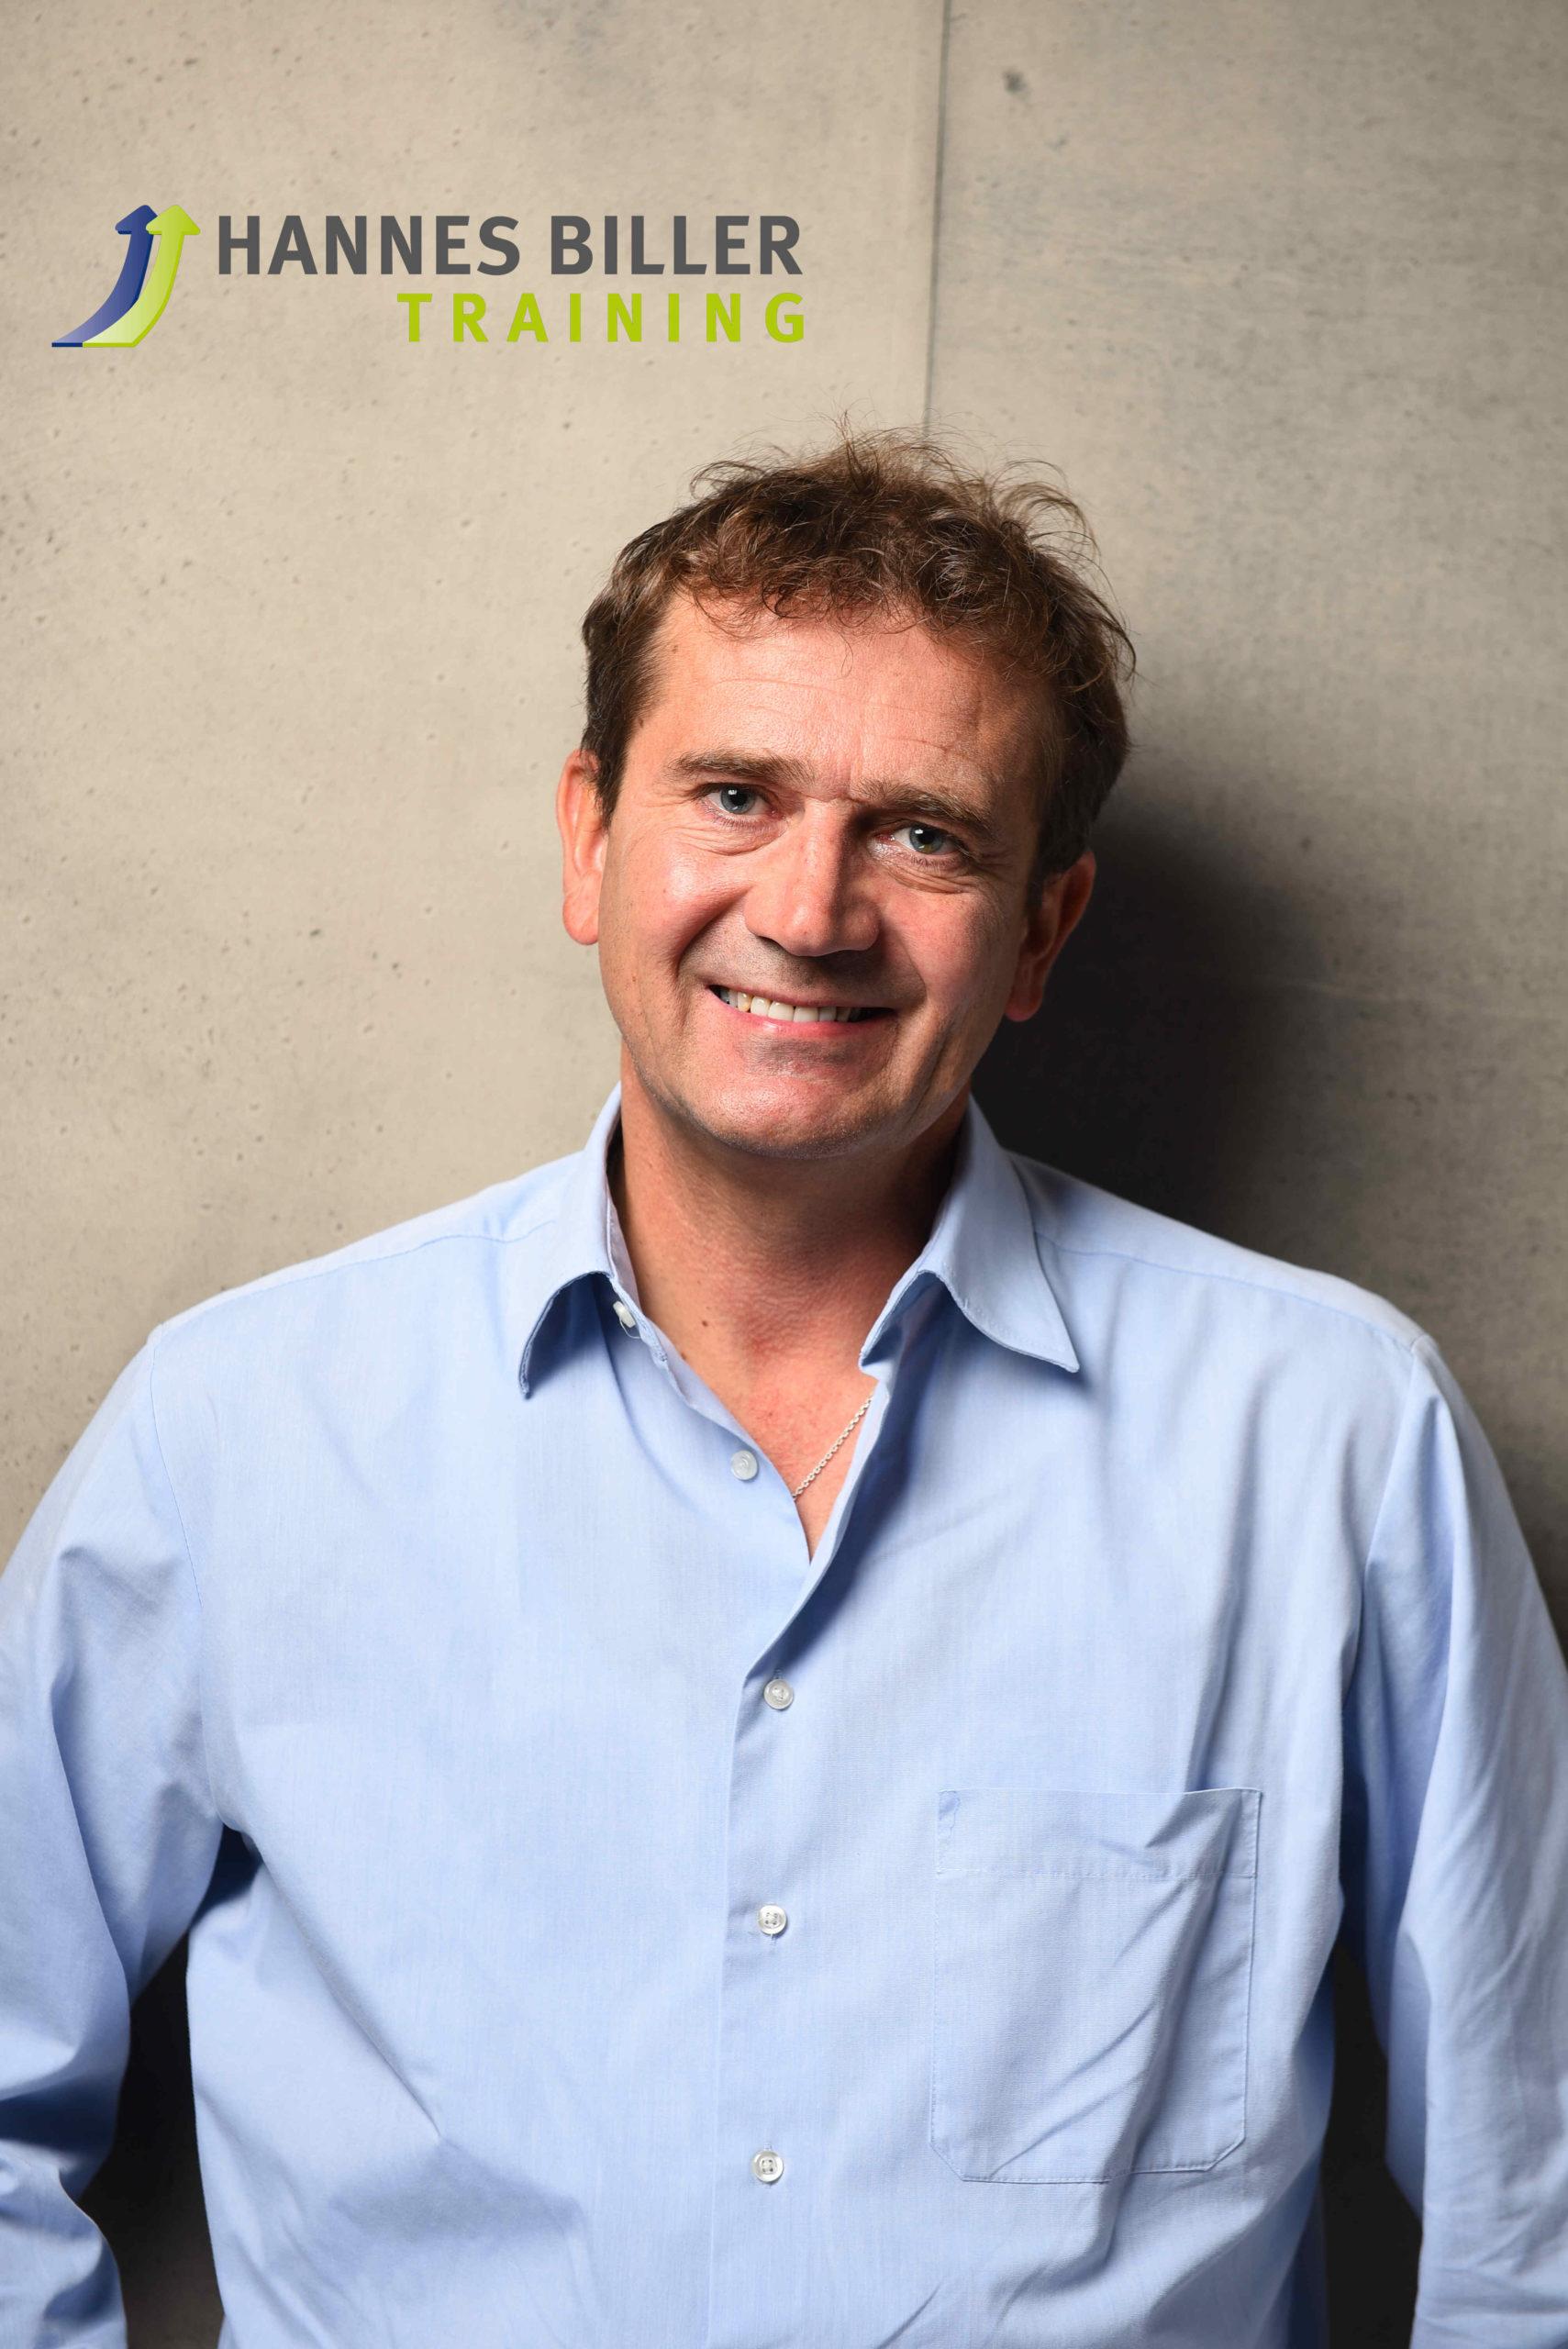 Hannes Biller